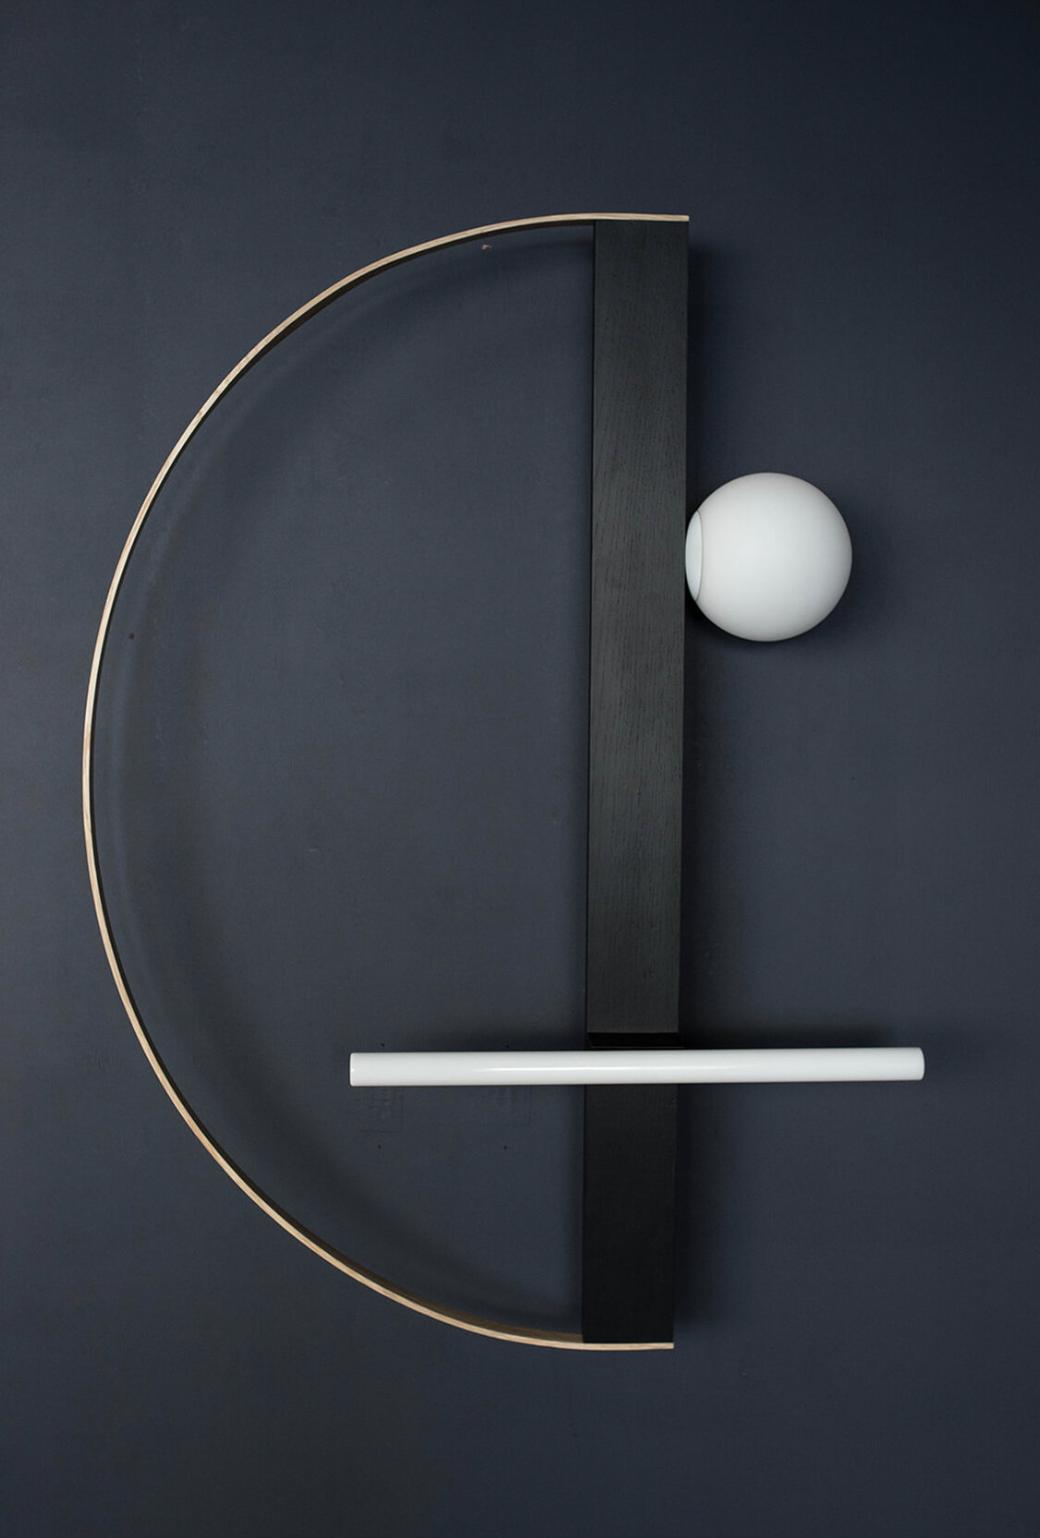 Maison et Objet 2020, face Sam wall light by Asaf Weinbroom